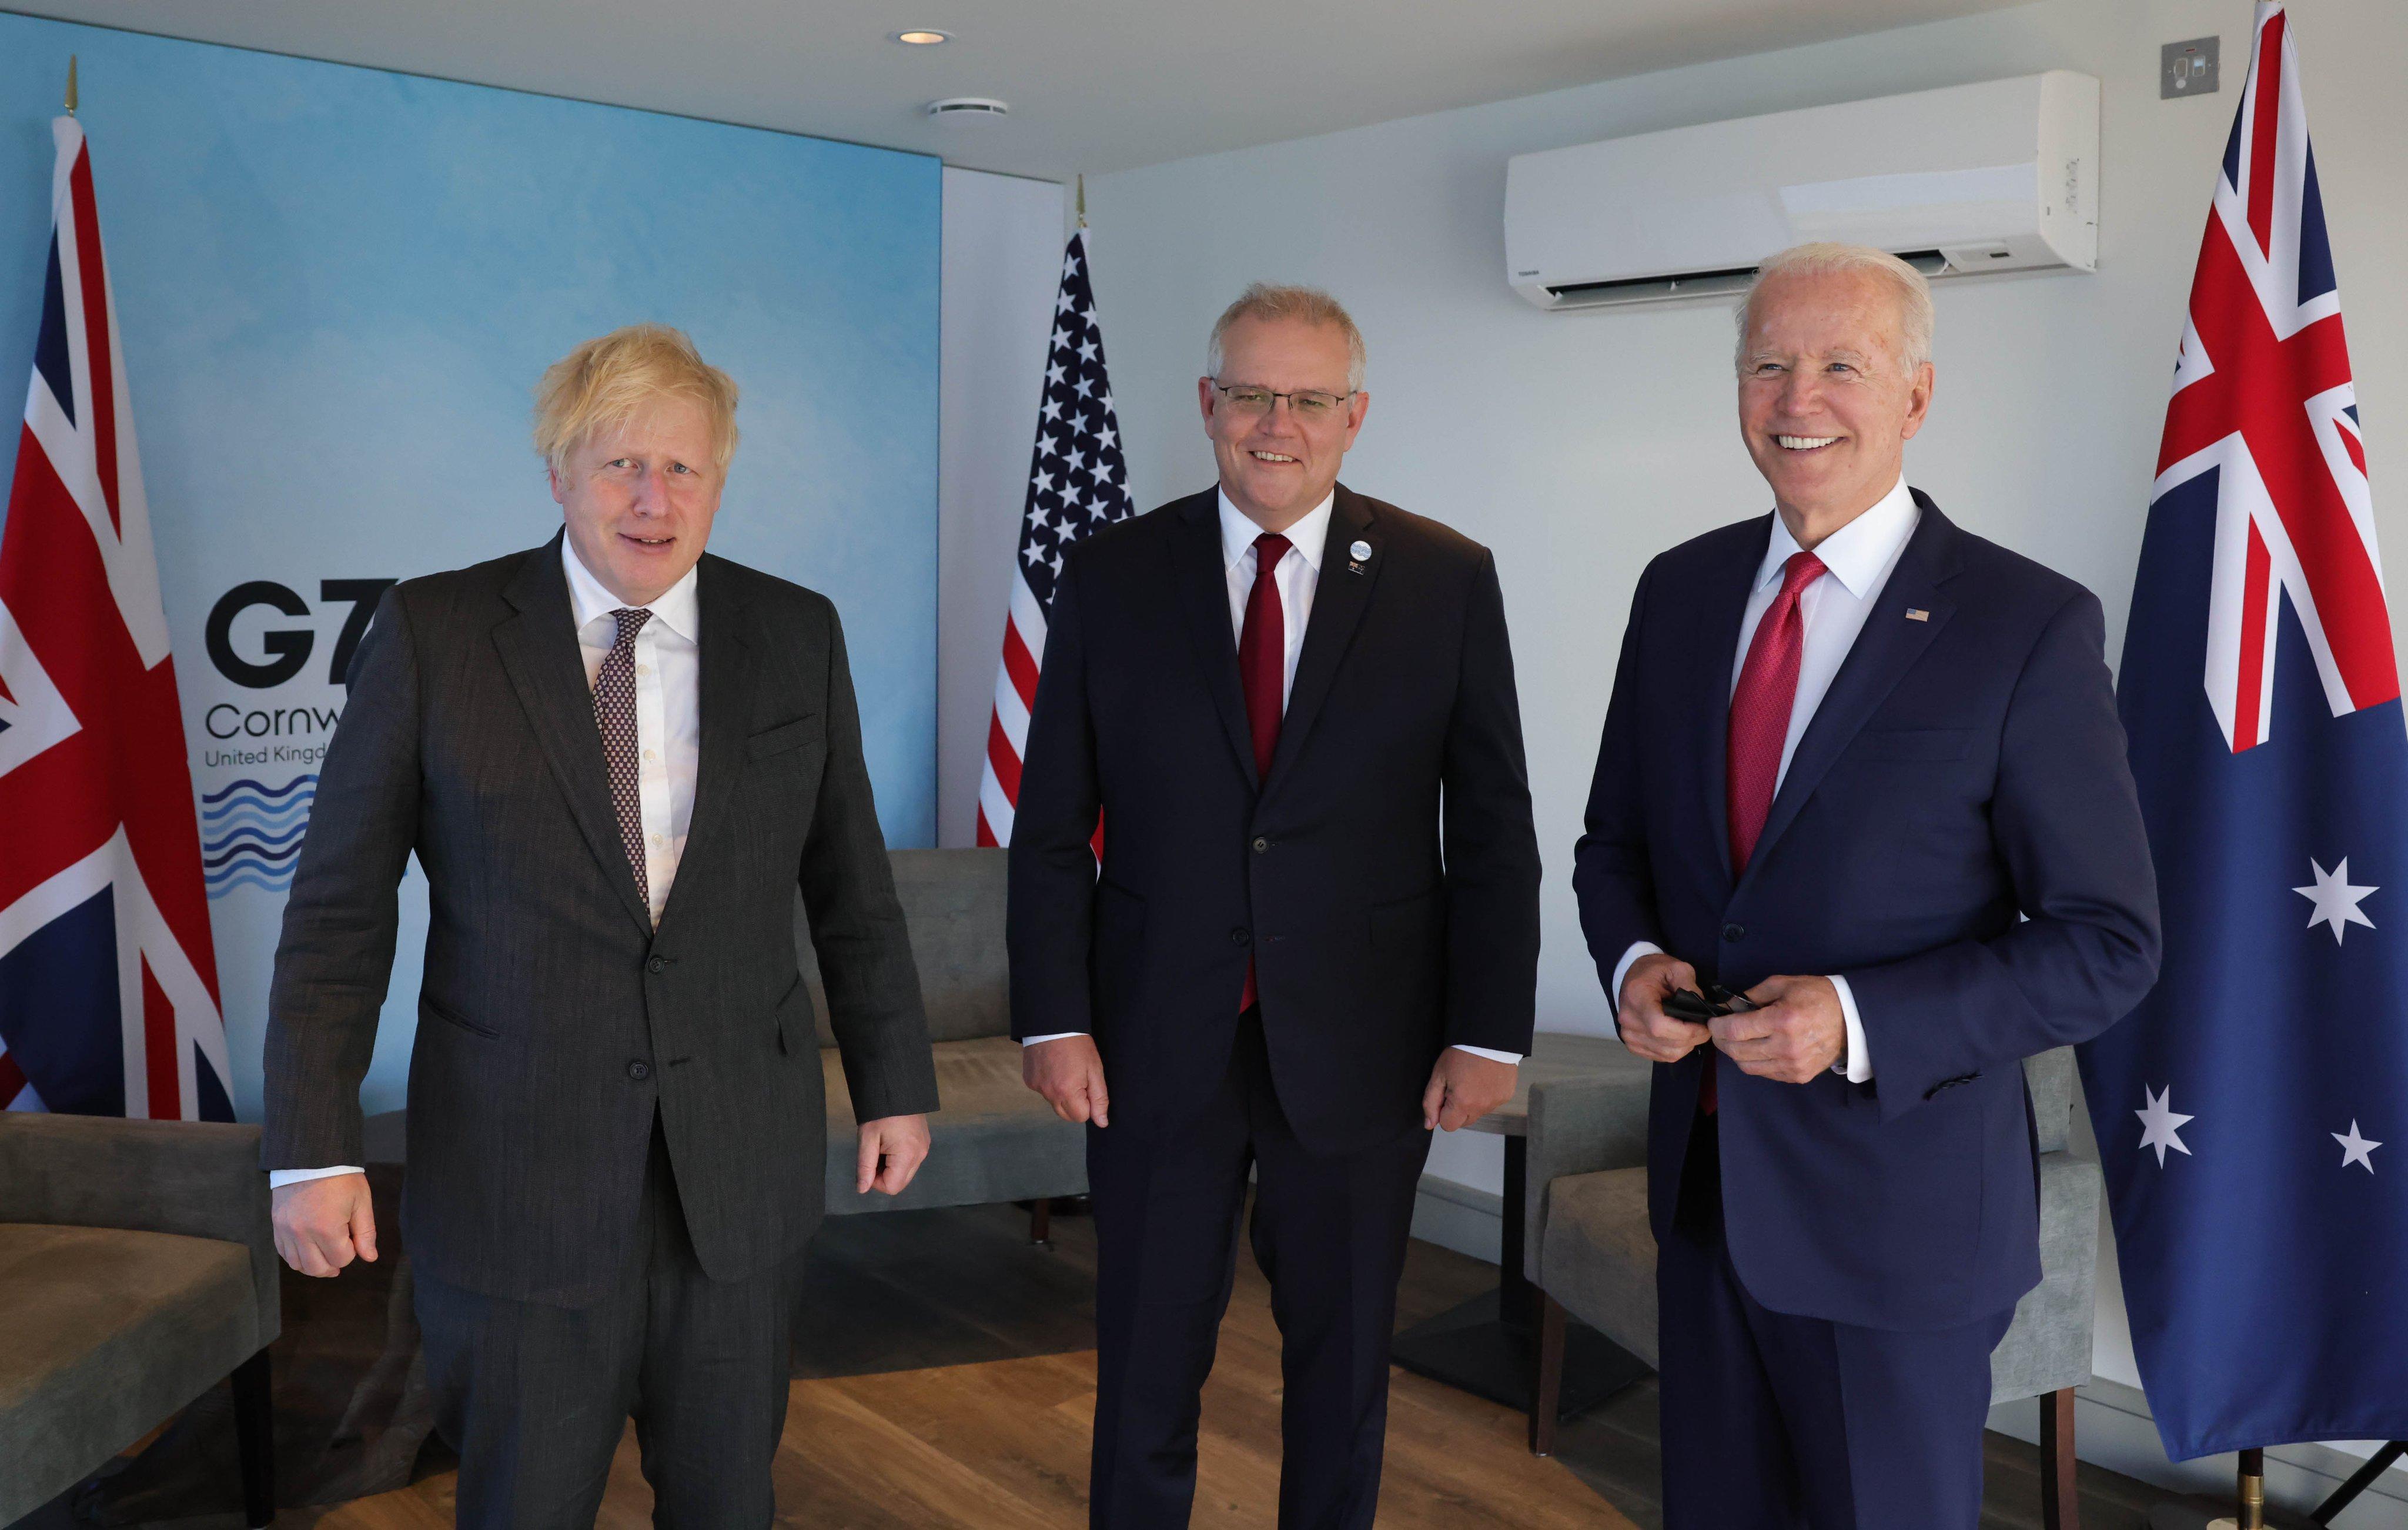 ब्रिटेन के पीएम बोरिस जॉनसन, ऑस्ट्रेलिया के पीएम स्कॉट मॉरिसन और अमेरिकी राष्ट्रपति जो बाइडेन।